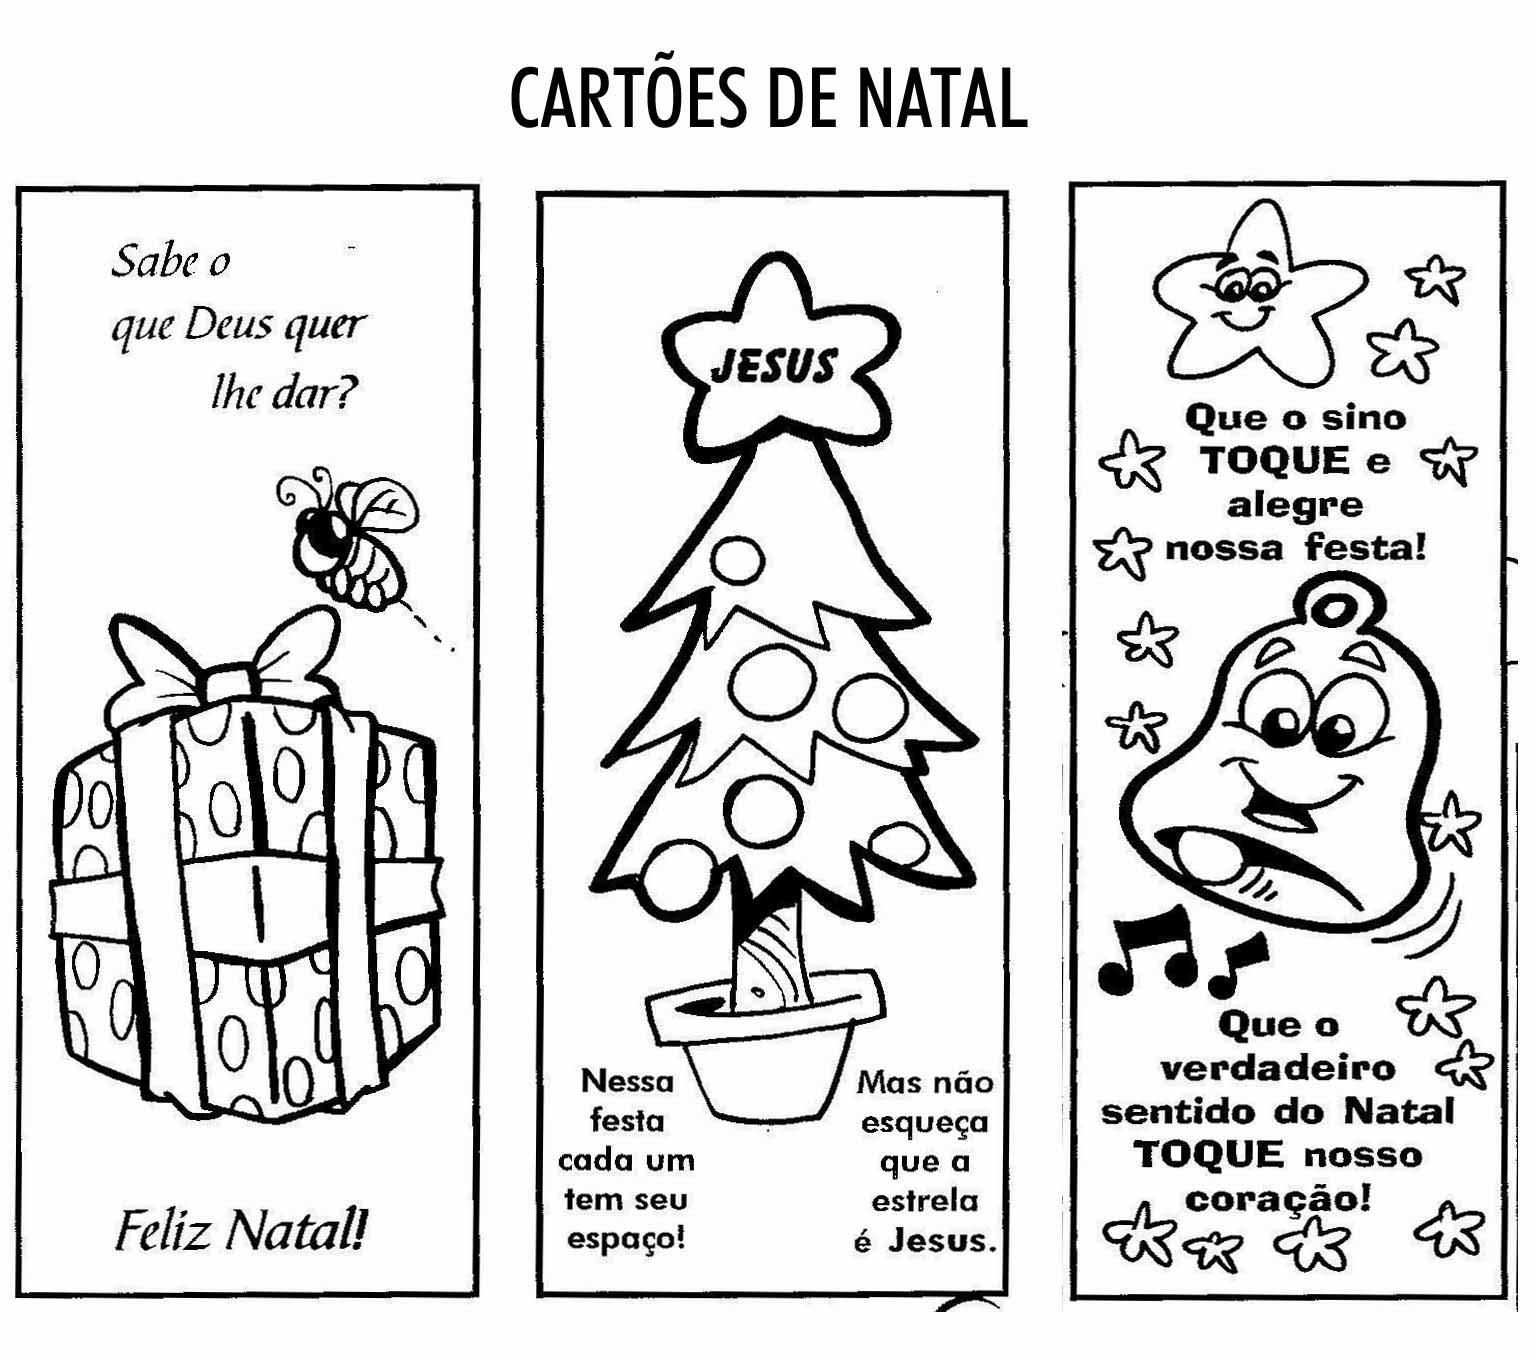 Cartões de natal para colorir e imprimir - Cartão Natalino